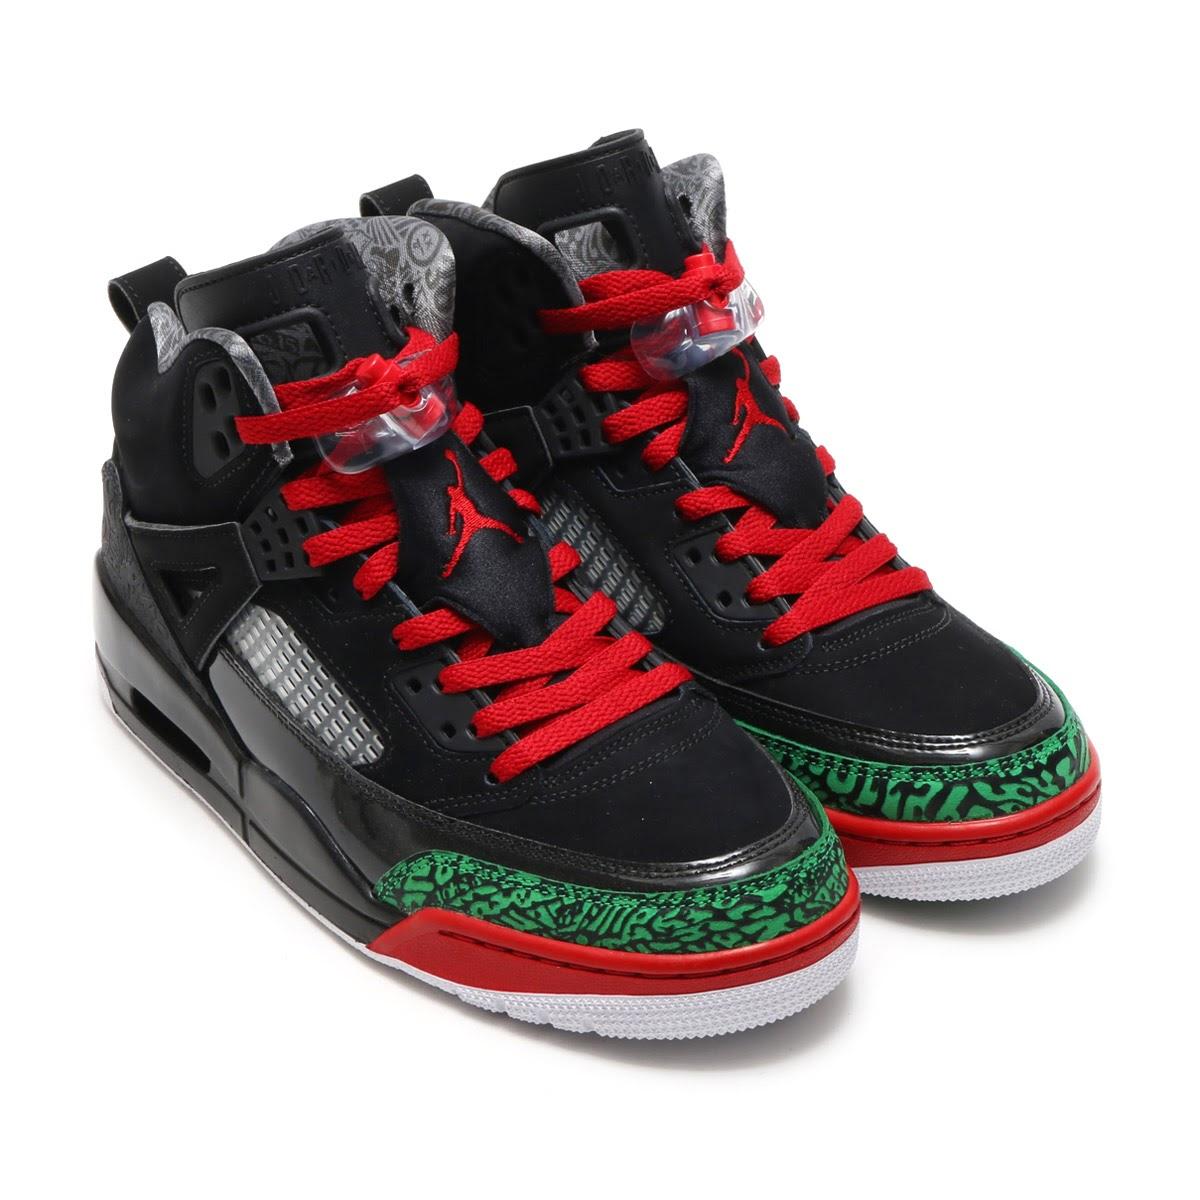 sports shoes c3107 f3b36 NIKE JORDAN SPIZIKE (Nike Jordan spy Zeke) (BLACK VARSITY RED-CLASSIC  GREEN-WHITE) 17HO-S